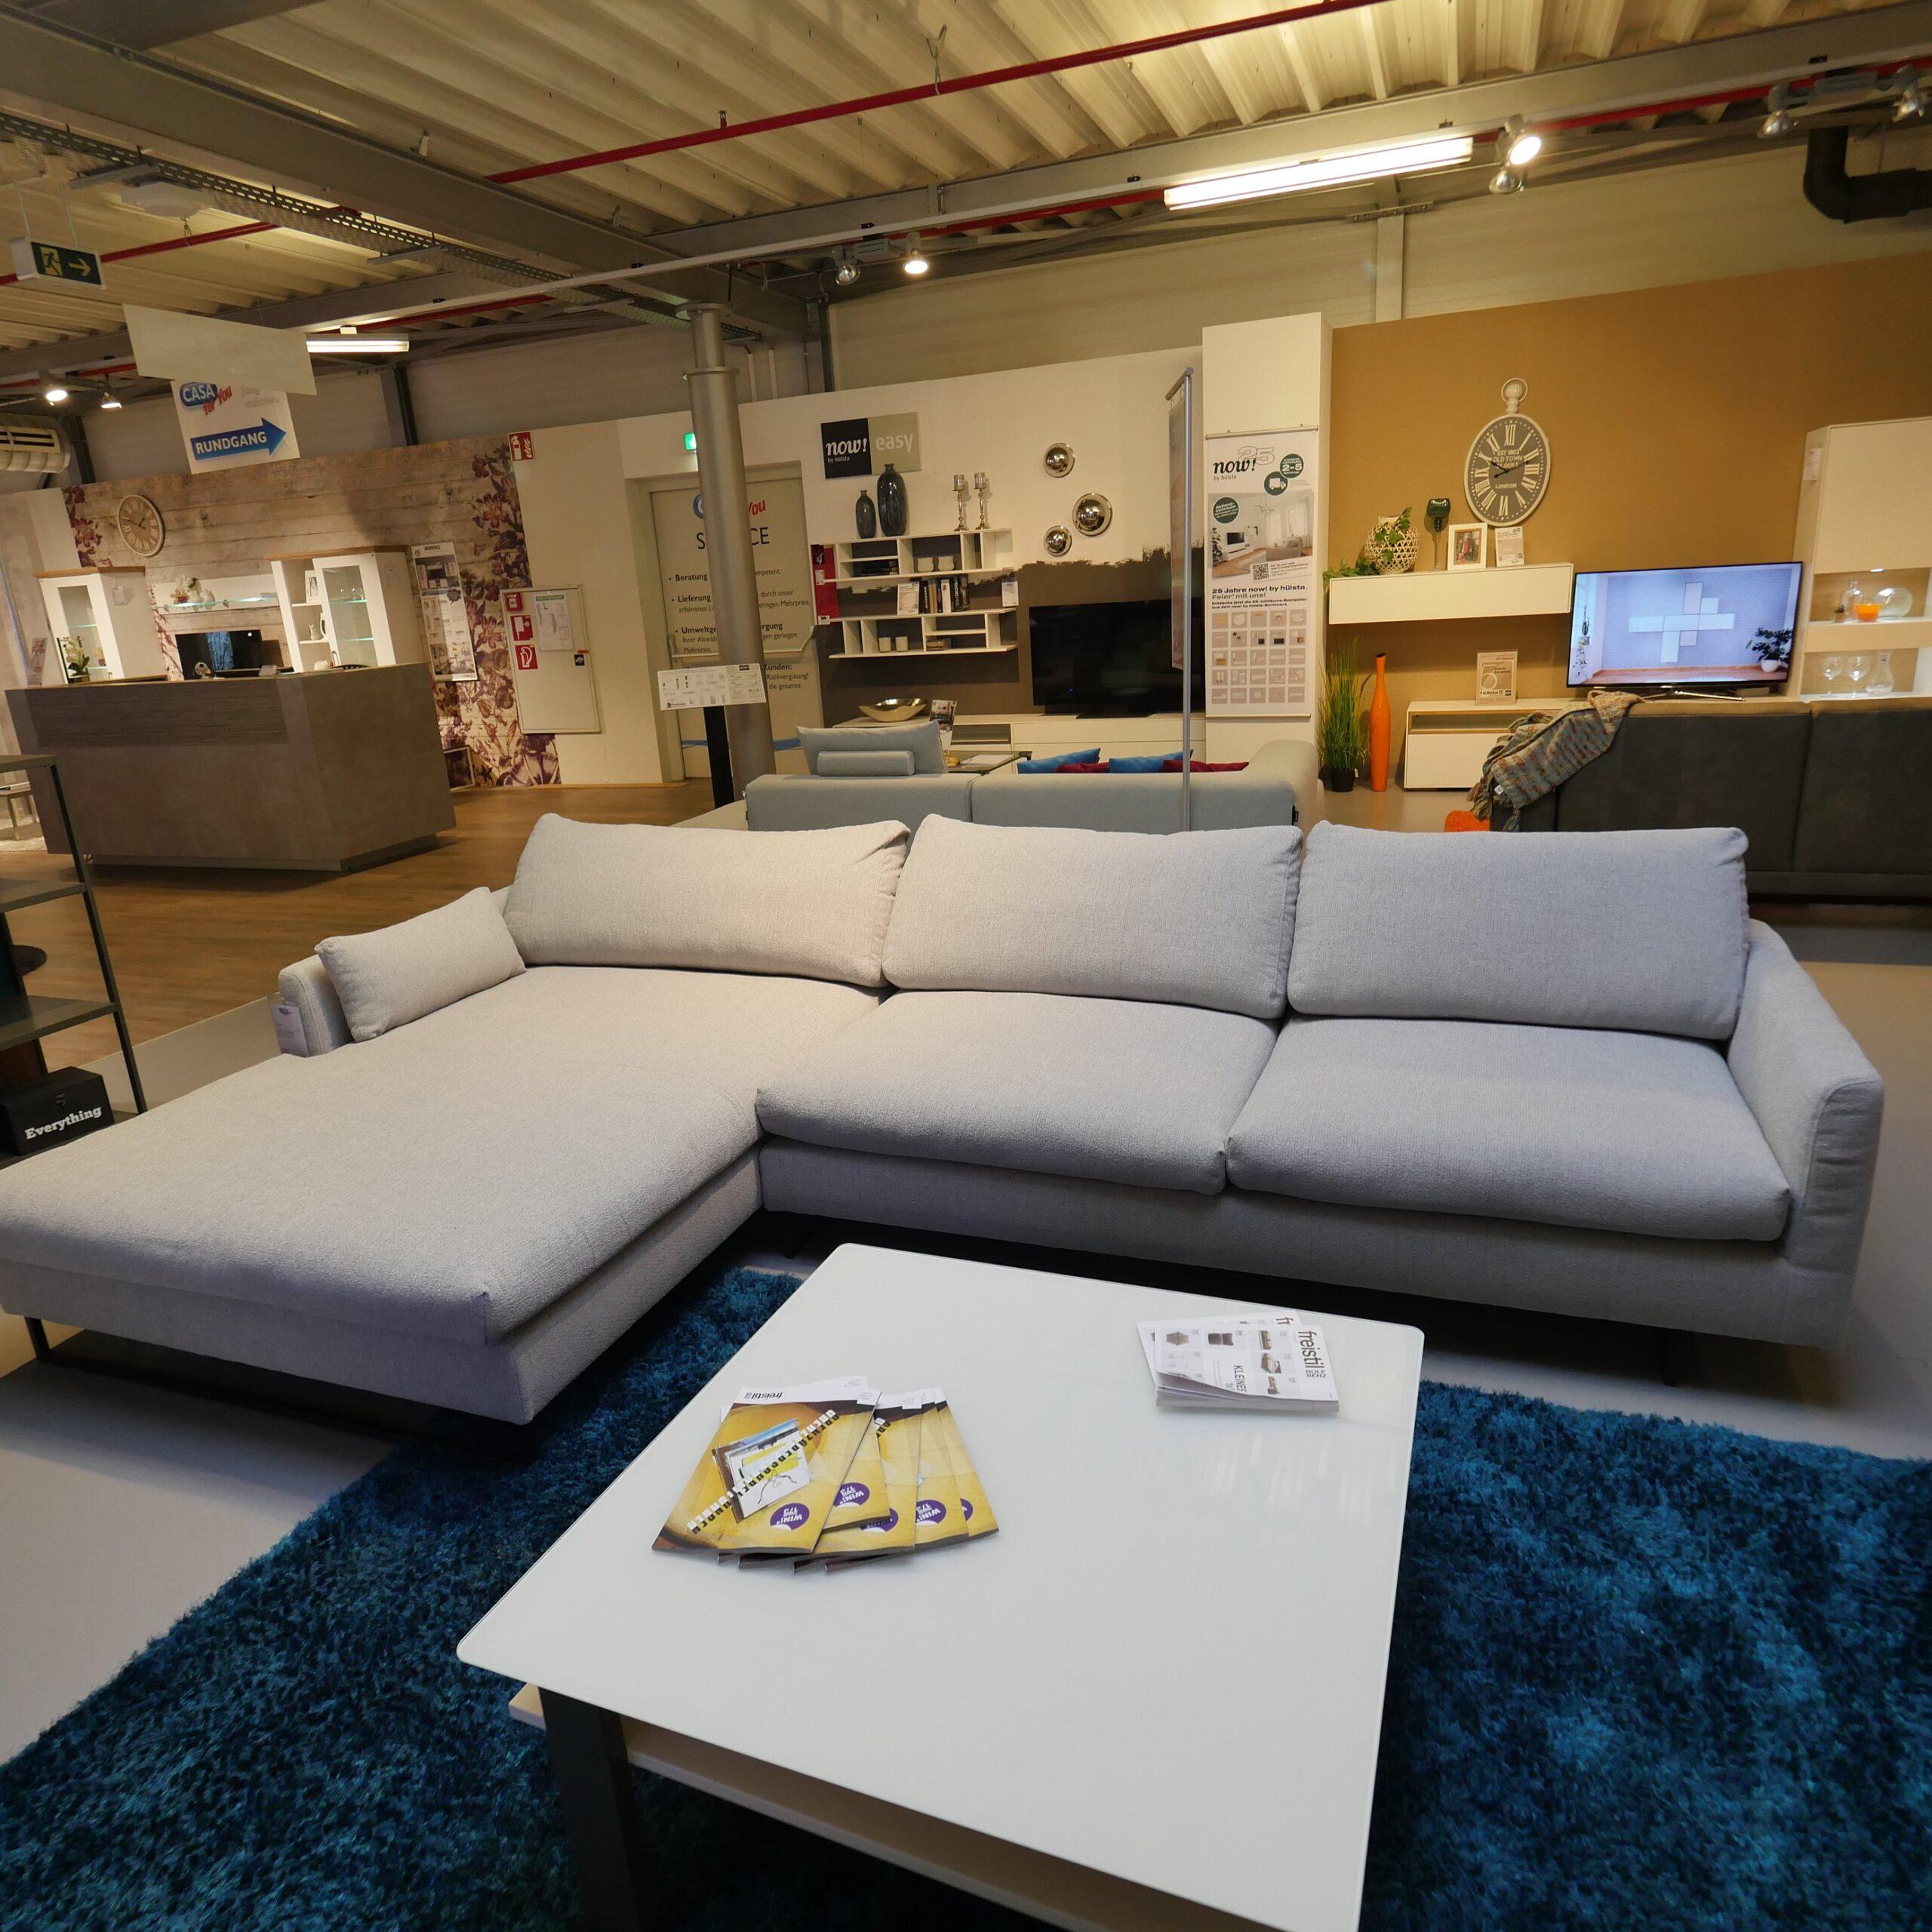 Full Size of Freistil By Rolf Benz 134 Elementgruppe Bett Ausstellungsstück Küche Sofa Wohnzimmer Freistil Ausstellungsstück